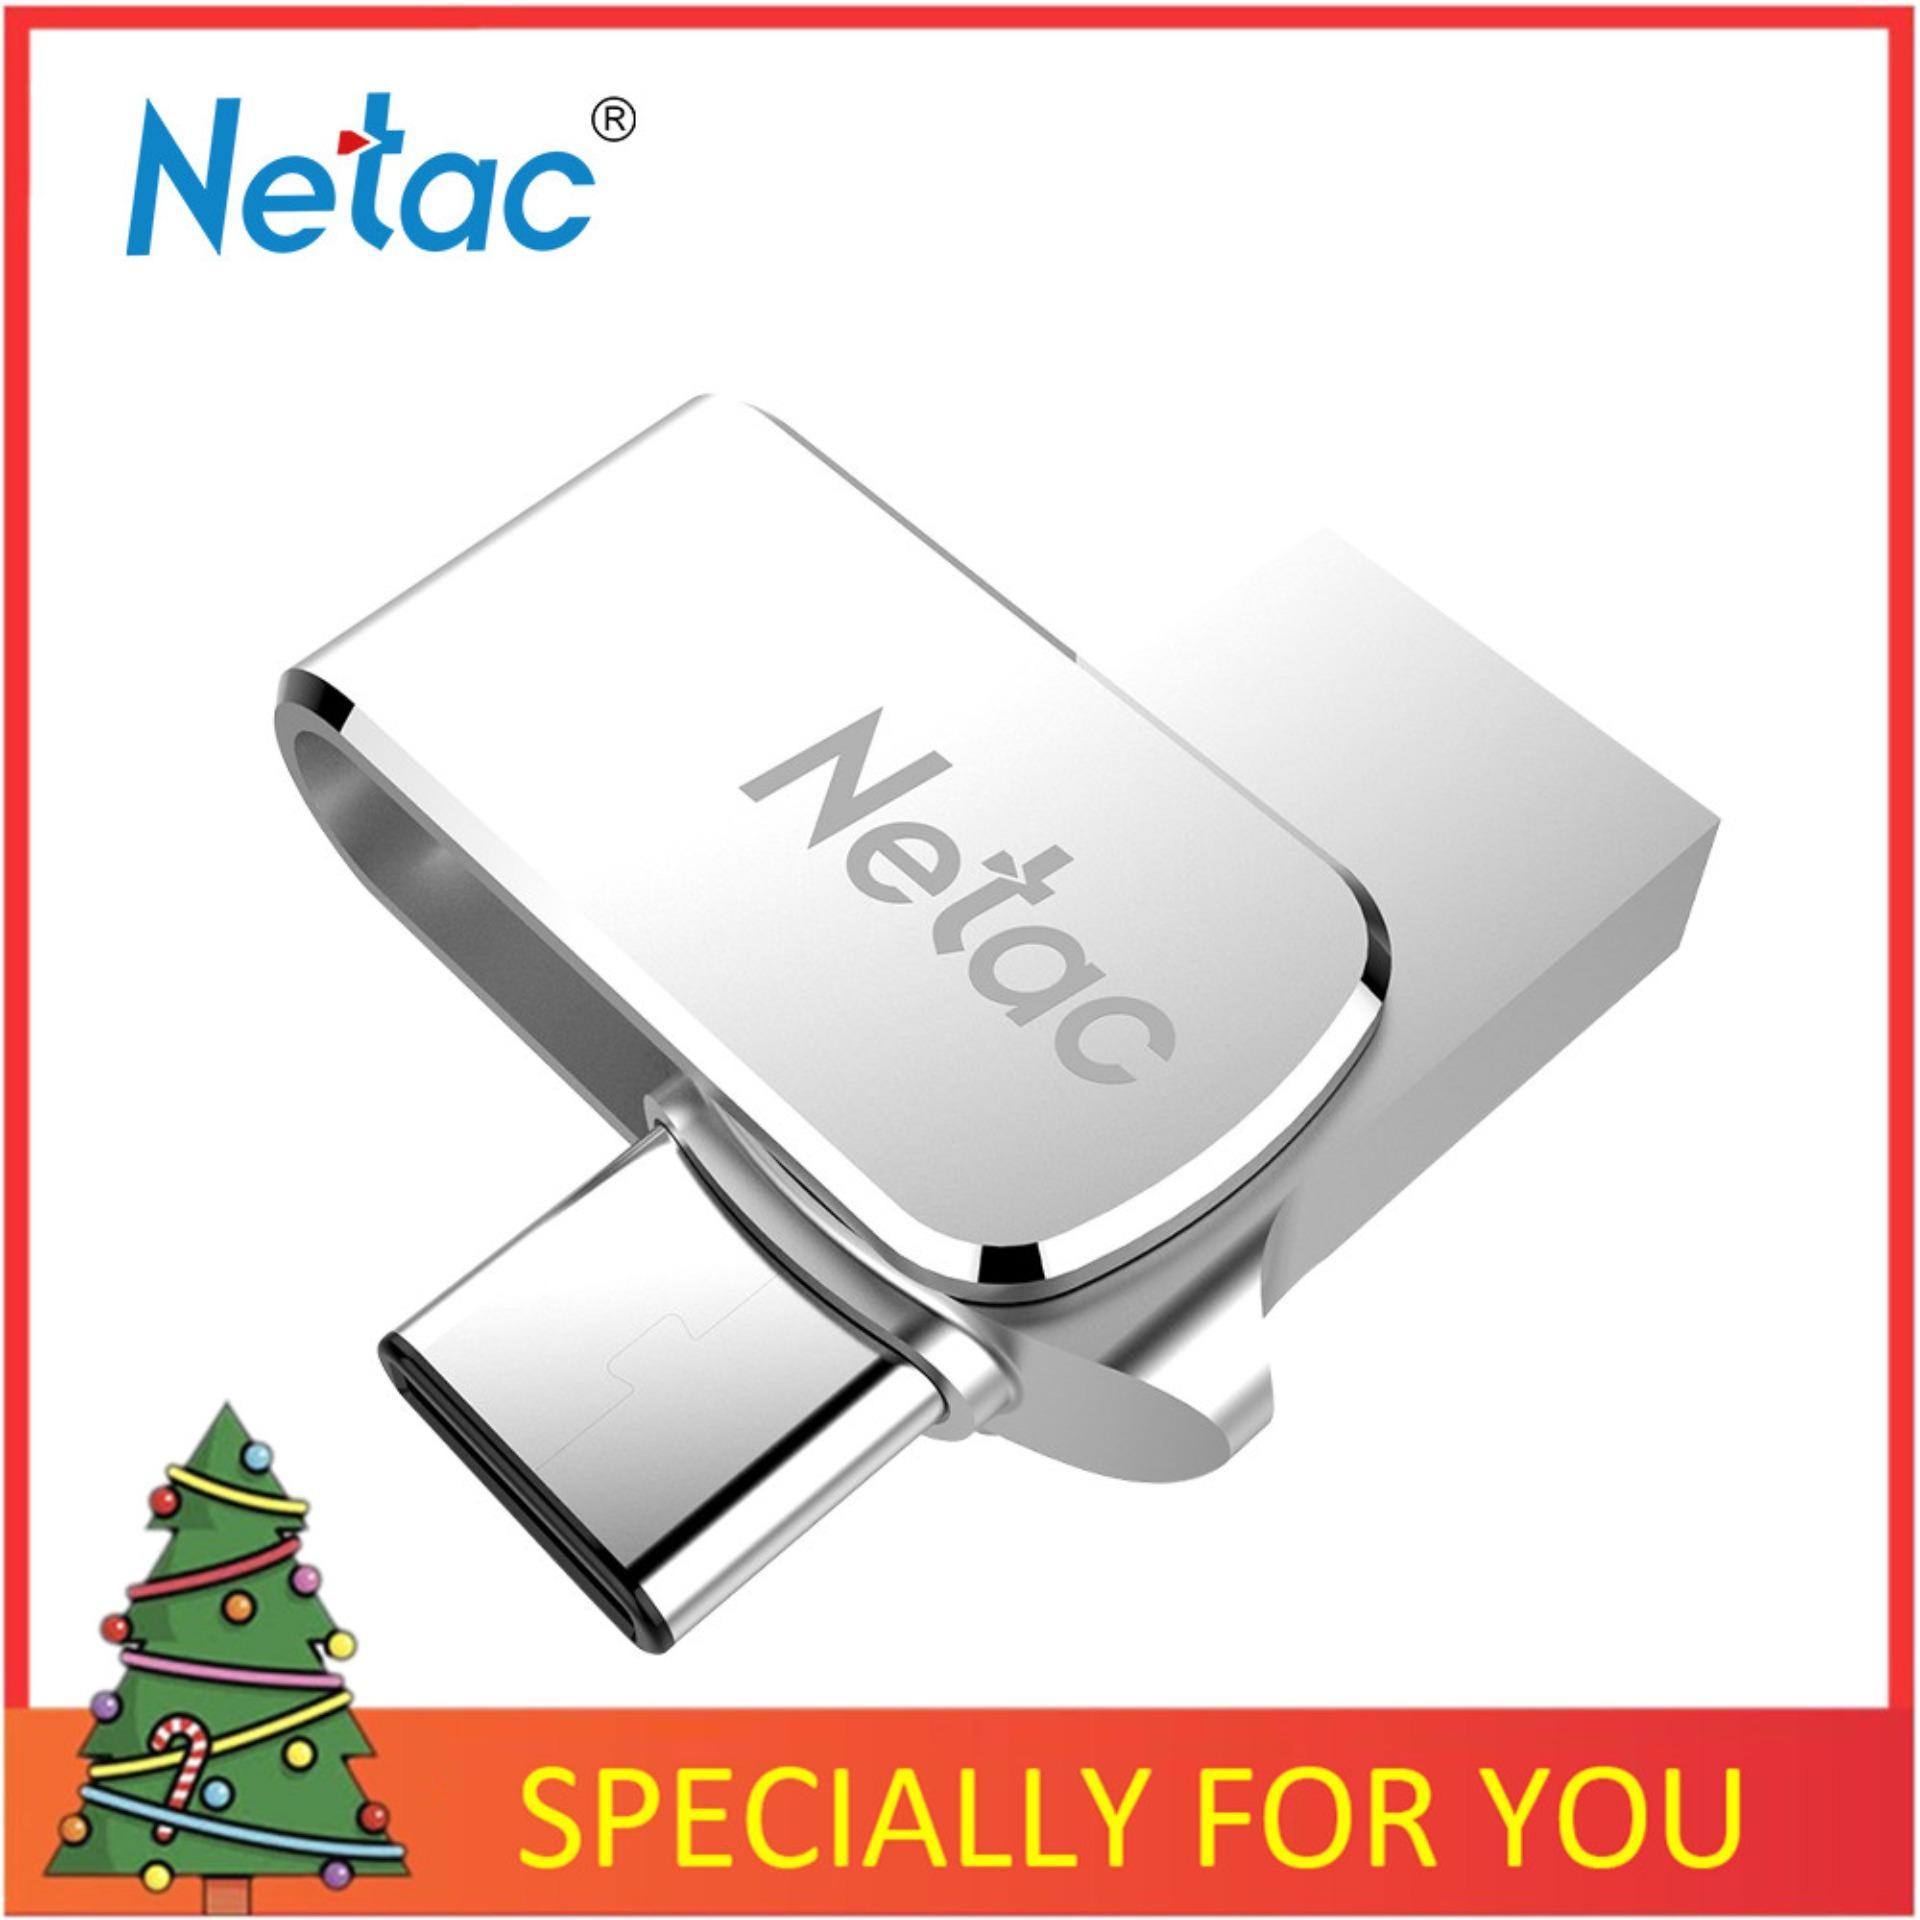 Giá Netac U780C 32G/64G USB3.0 Loại-C Giao Diện Kép Cho Android OTG Bộ Nhớ Lưu Trữ Tốc Độ Cao thẻ Nhớ